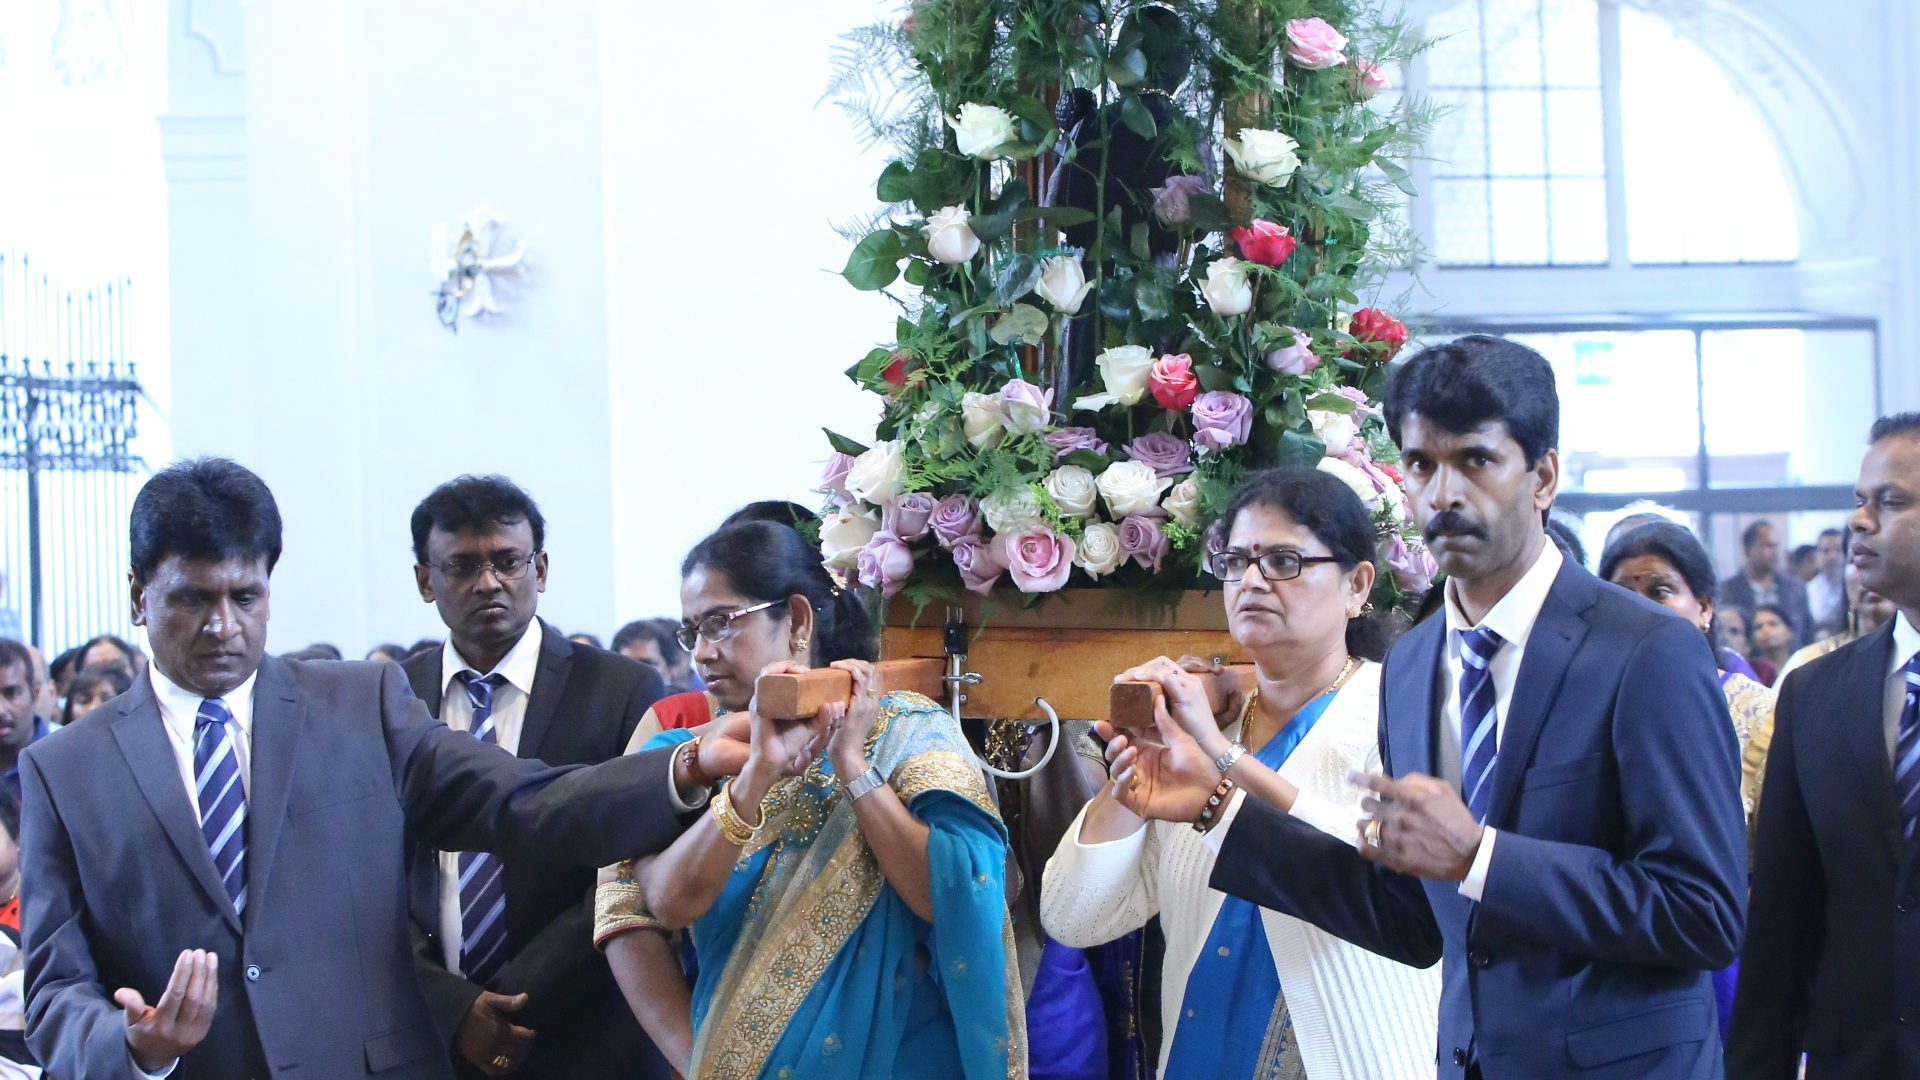 Antony Dhanson Winslows (2. von links) an der Marien-Prozession | © Tamilenmission